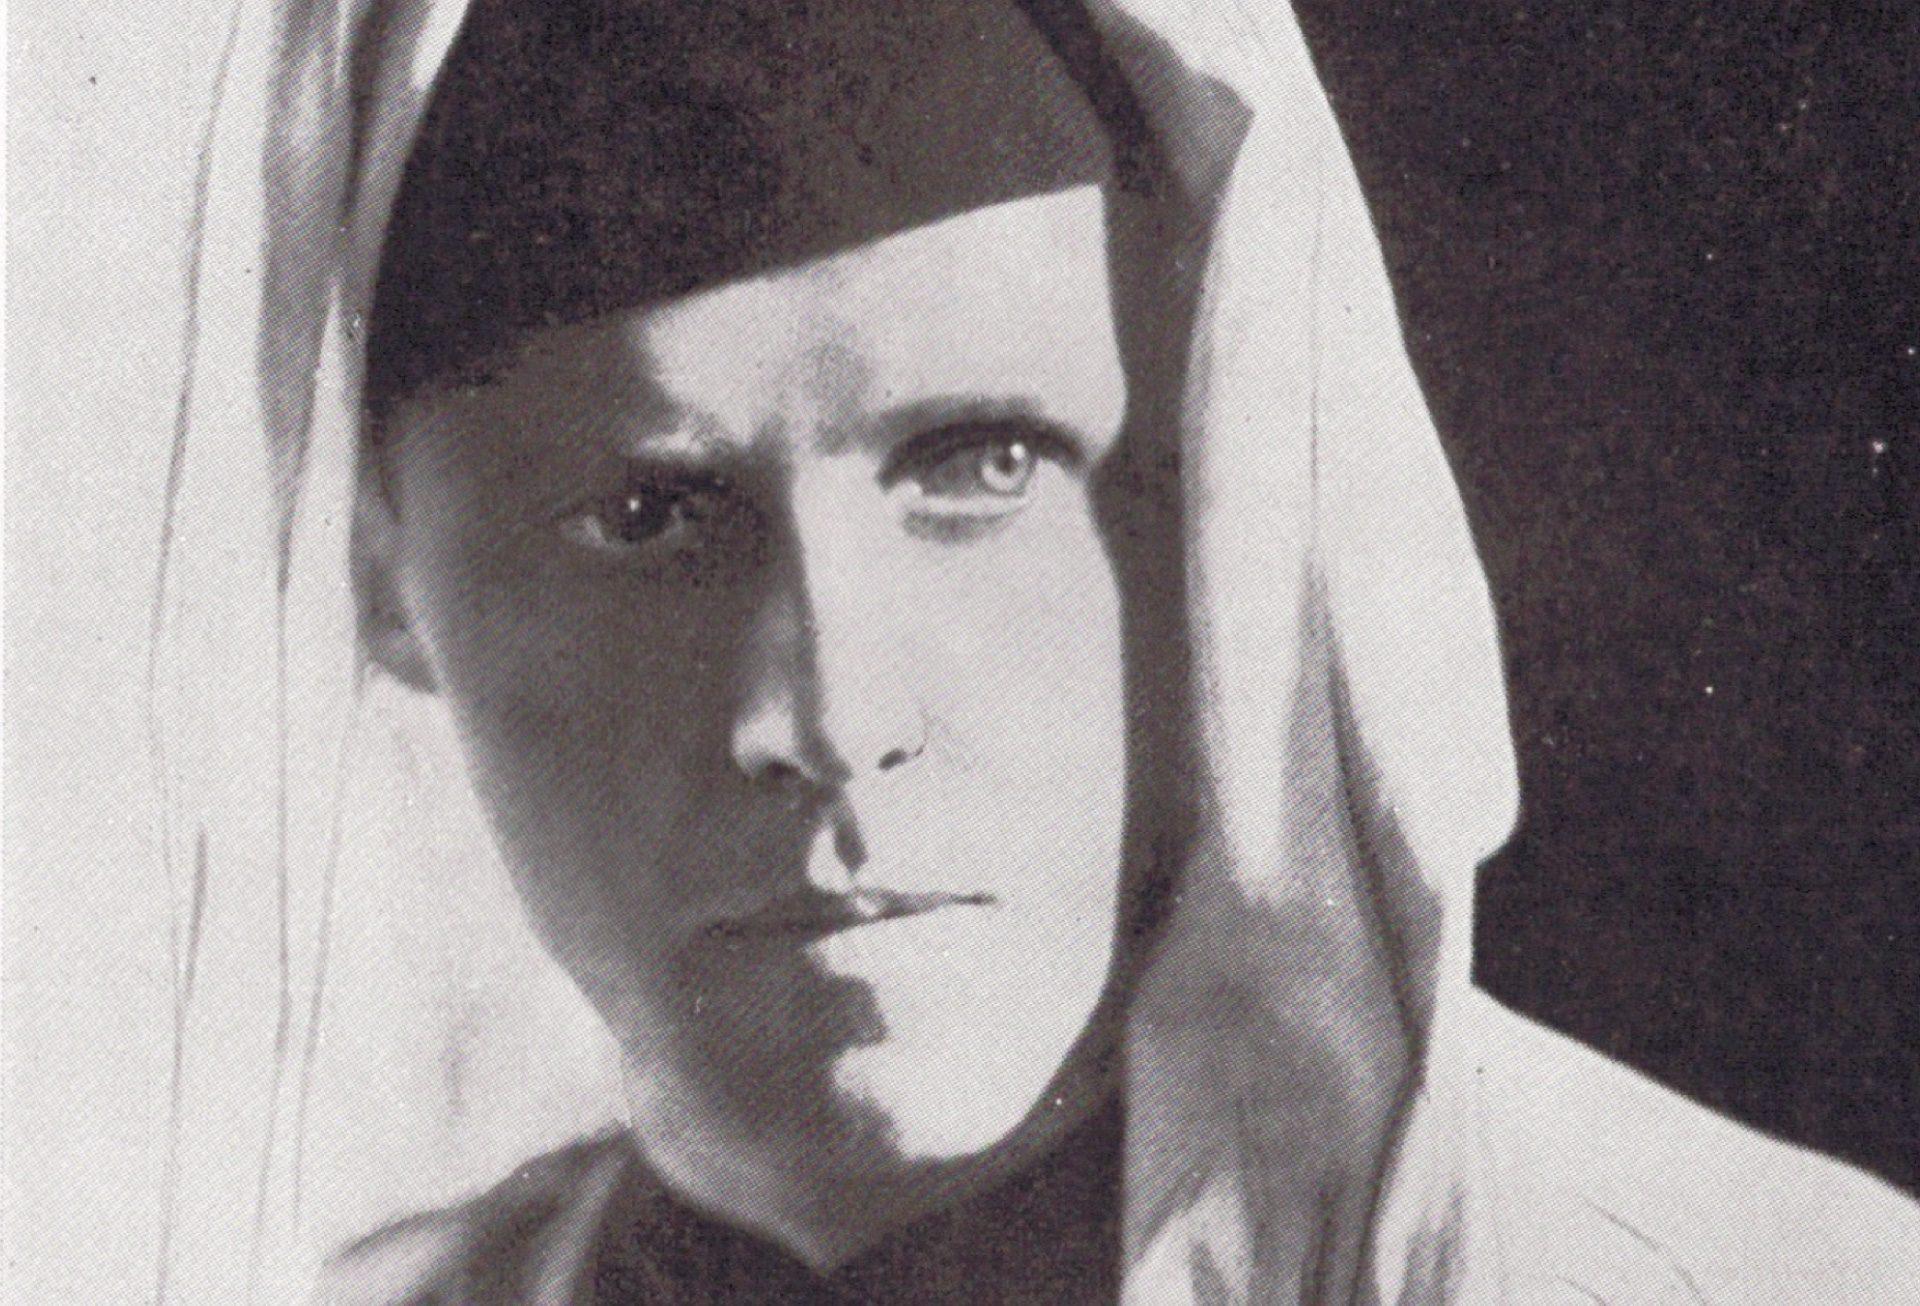 Knud Holmboe